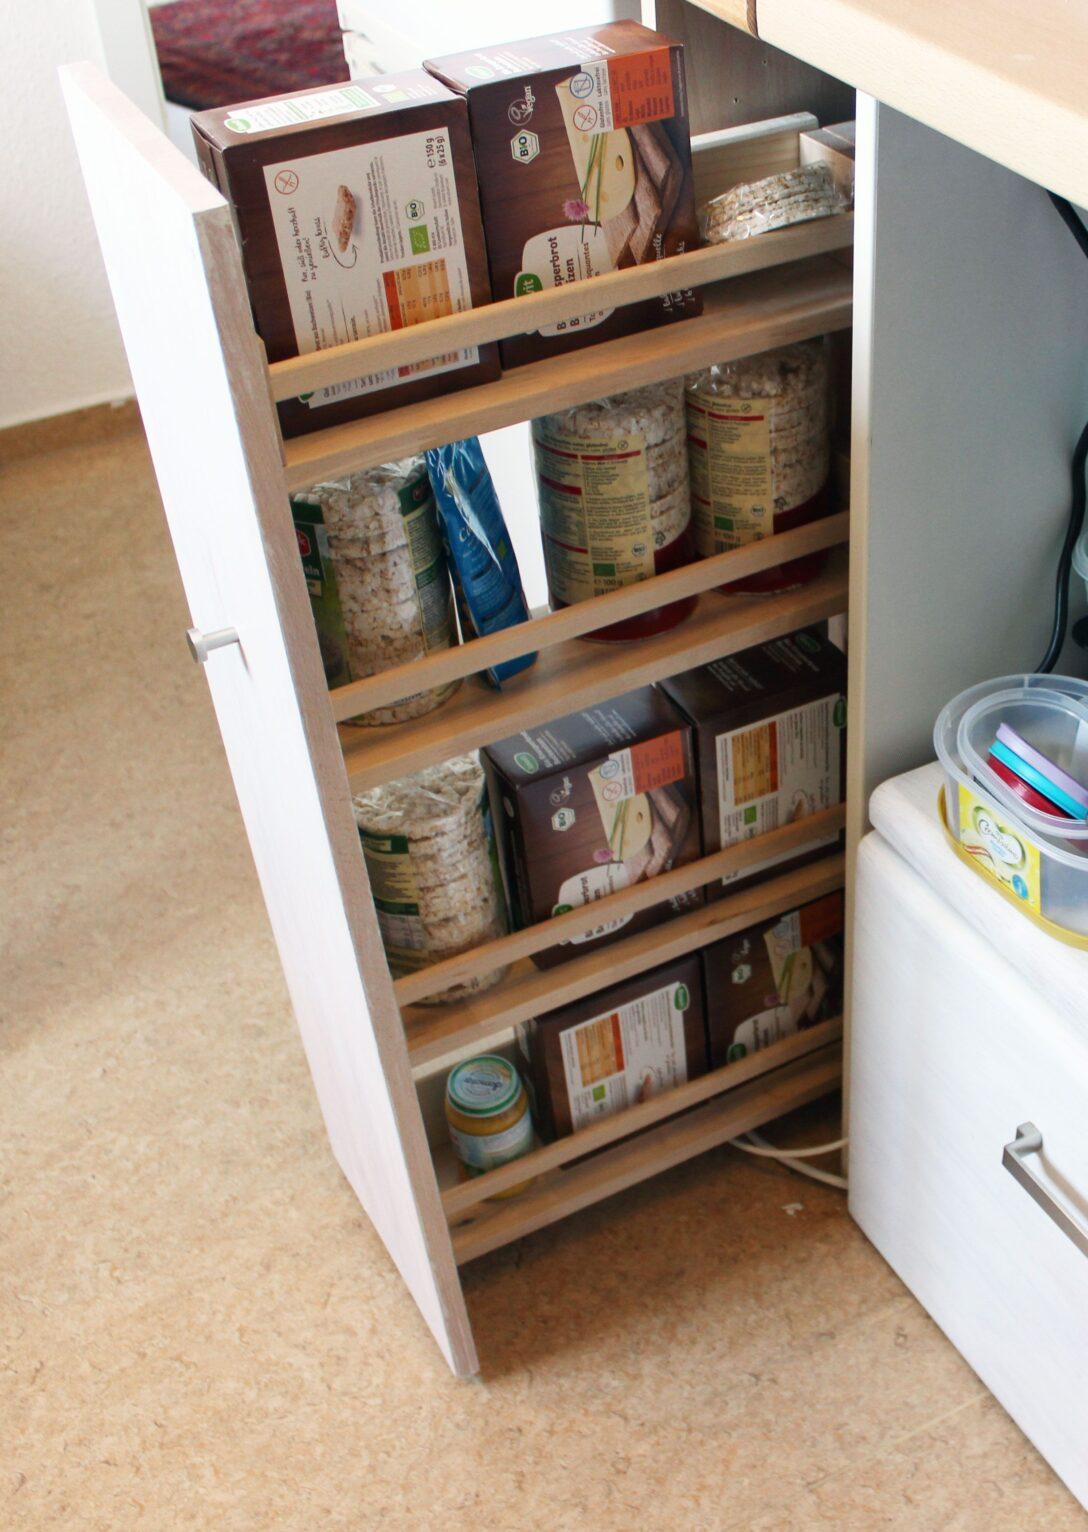 Large Size of Nischenregal Küche Kaufen Ikea Bad Wandregal Sofa Mit Schlaffunktion Kosten Betten Bei Miniküche Küchen Regal Modulküche Landhaus 160x200 Wohnzimmer Küchen Wandregal Ikea